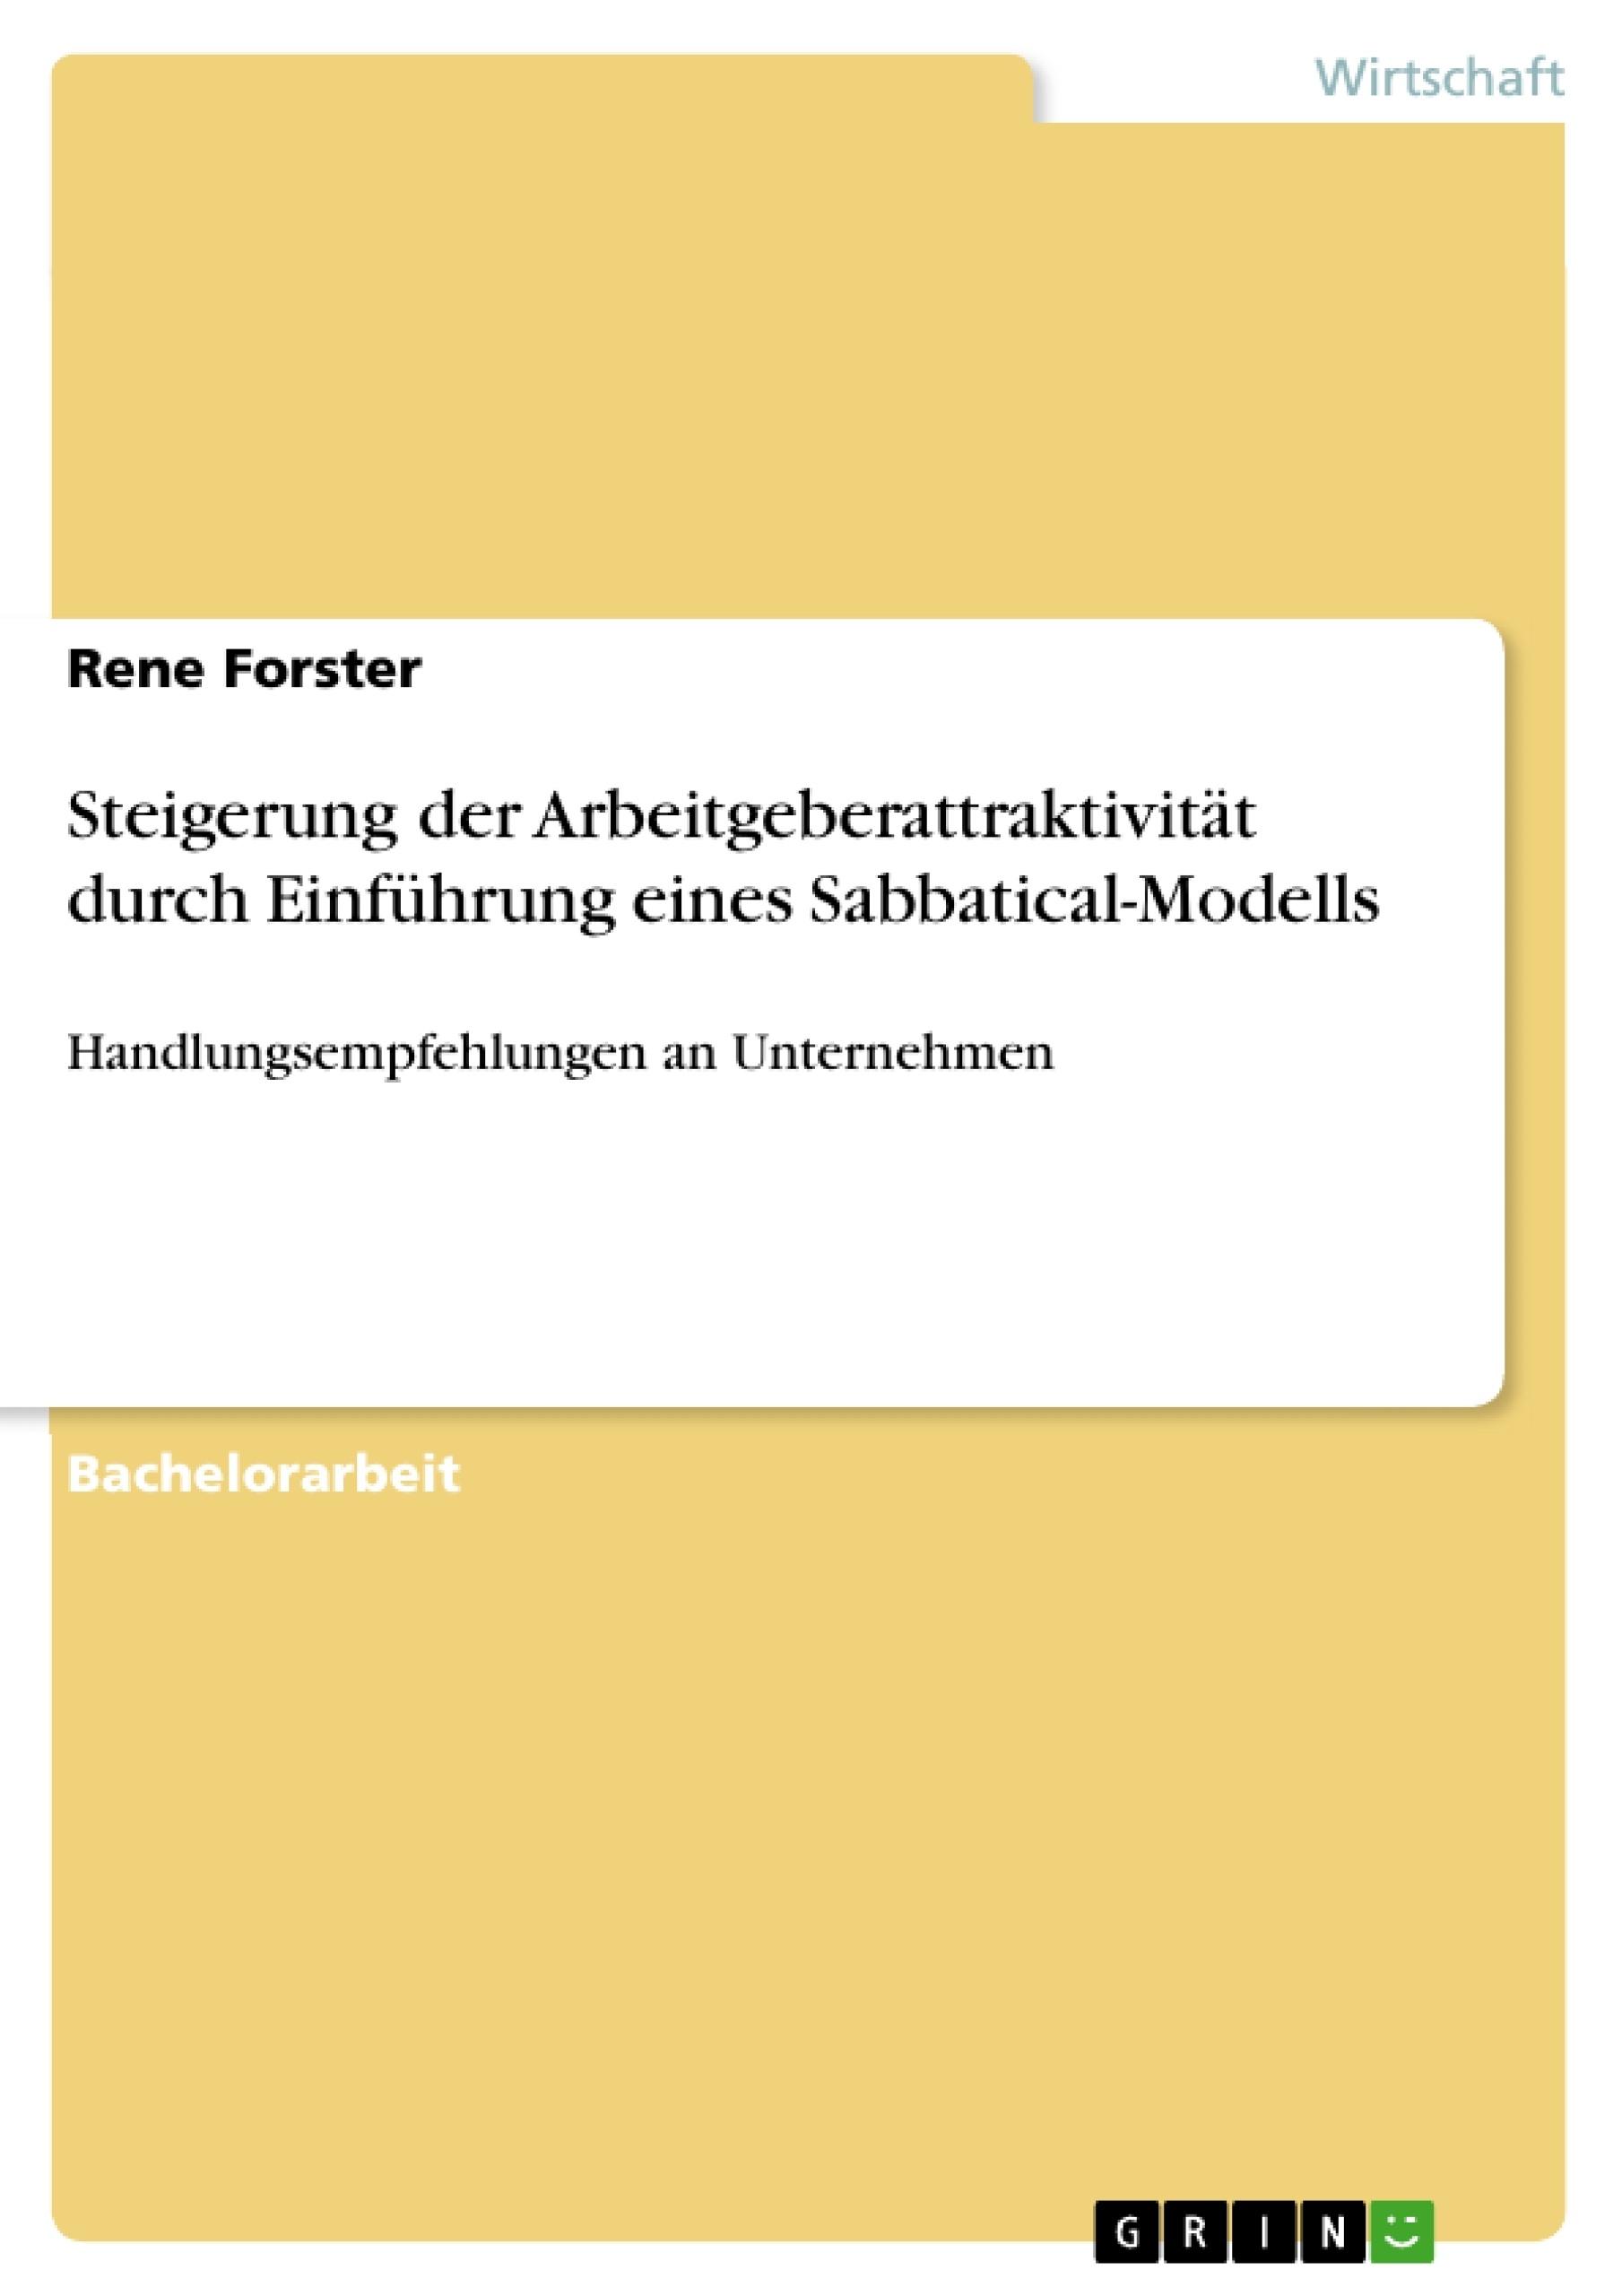 Titel: Steigerung der Arbeitgeberattraktivität durch Einführung eines Sabbatical-Modells